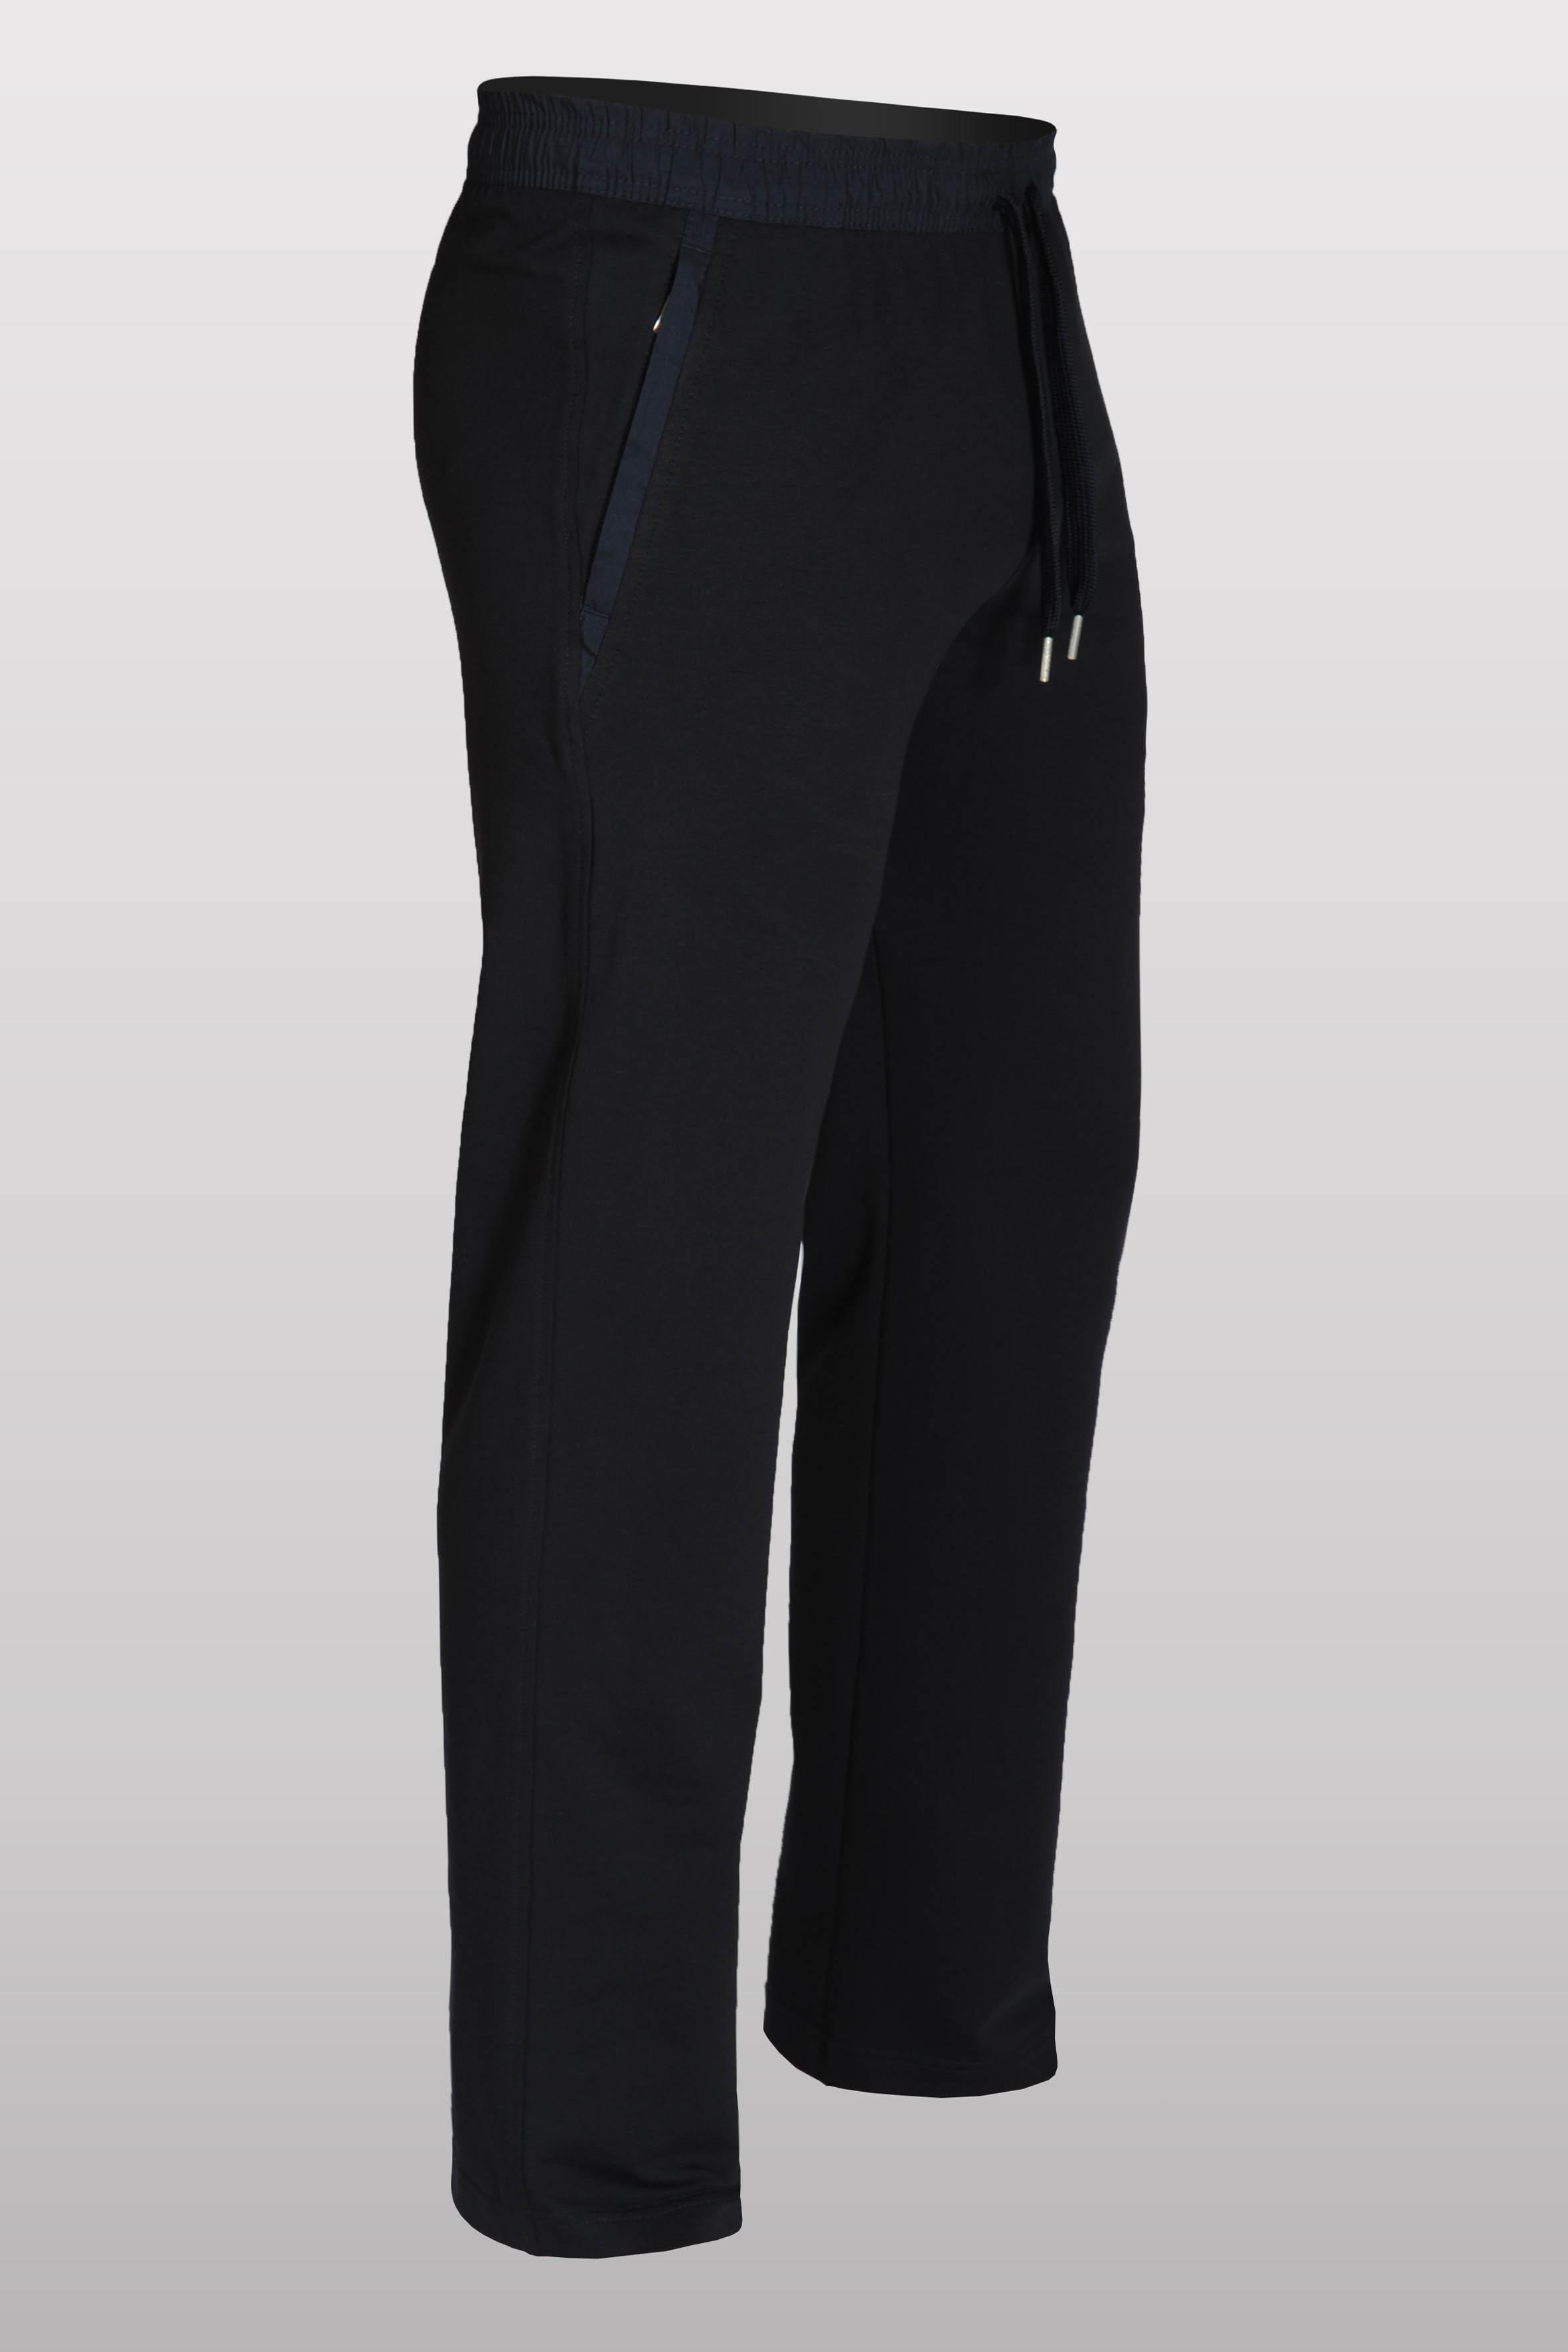 Сбор заказов. Штаны утепленные,спортивные, брюки, бриджи, шорты для всей семьи от 330р, только турецкие ткани,большой размерный ряд,отличное качество! Без рядов. Много отзывов.